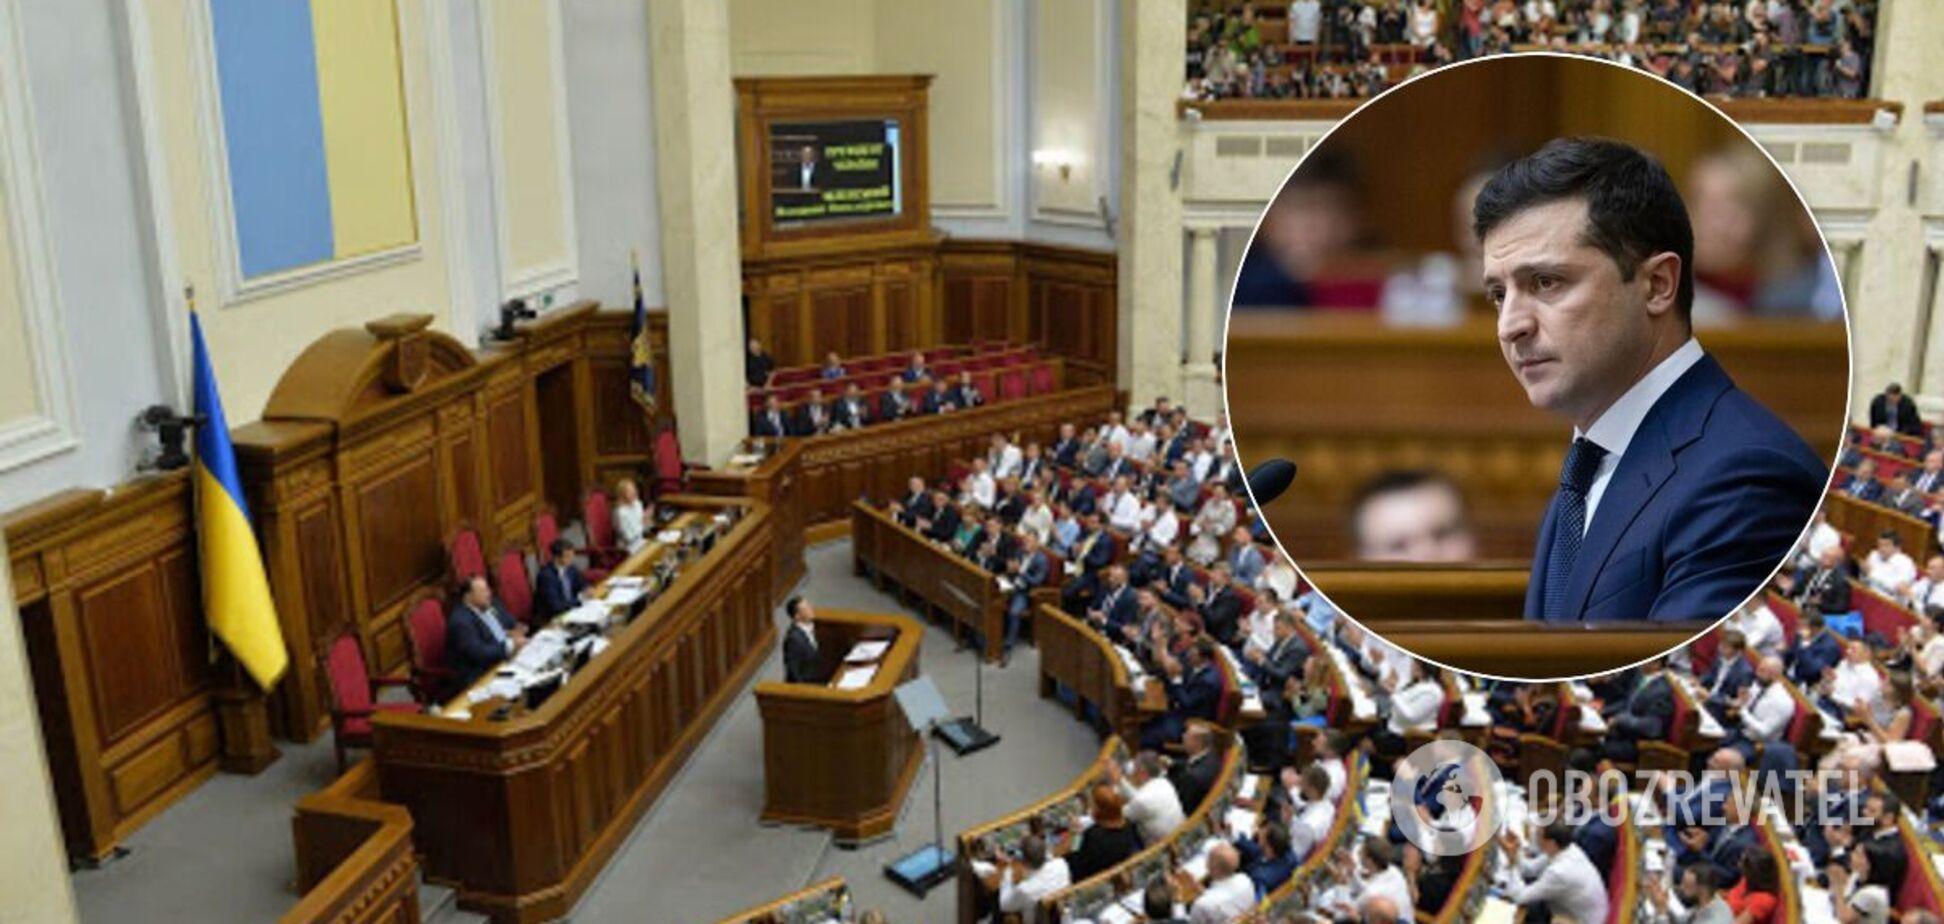 Зеленський анонсував кадрові перестановки, а Стефанчук – закон про референдум